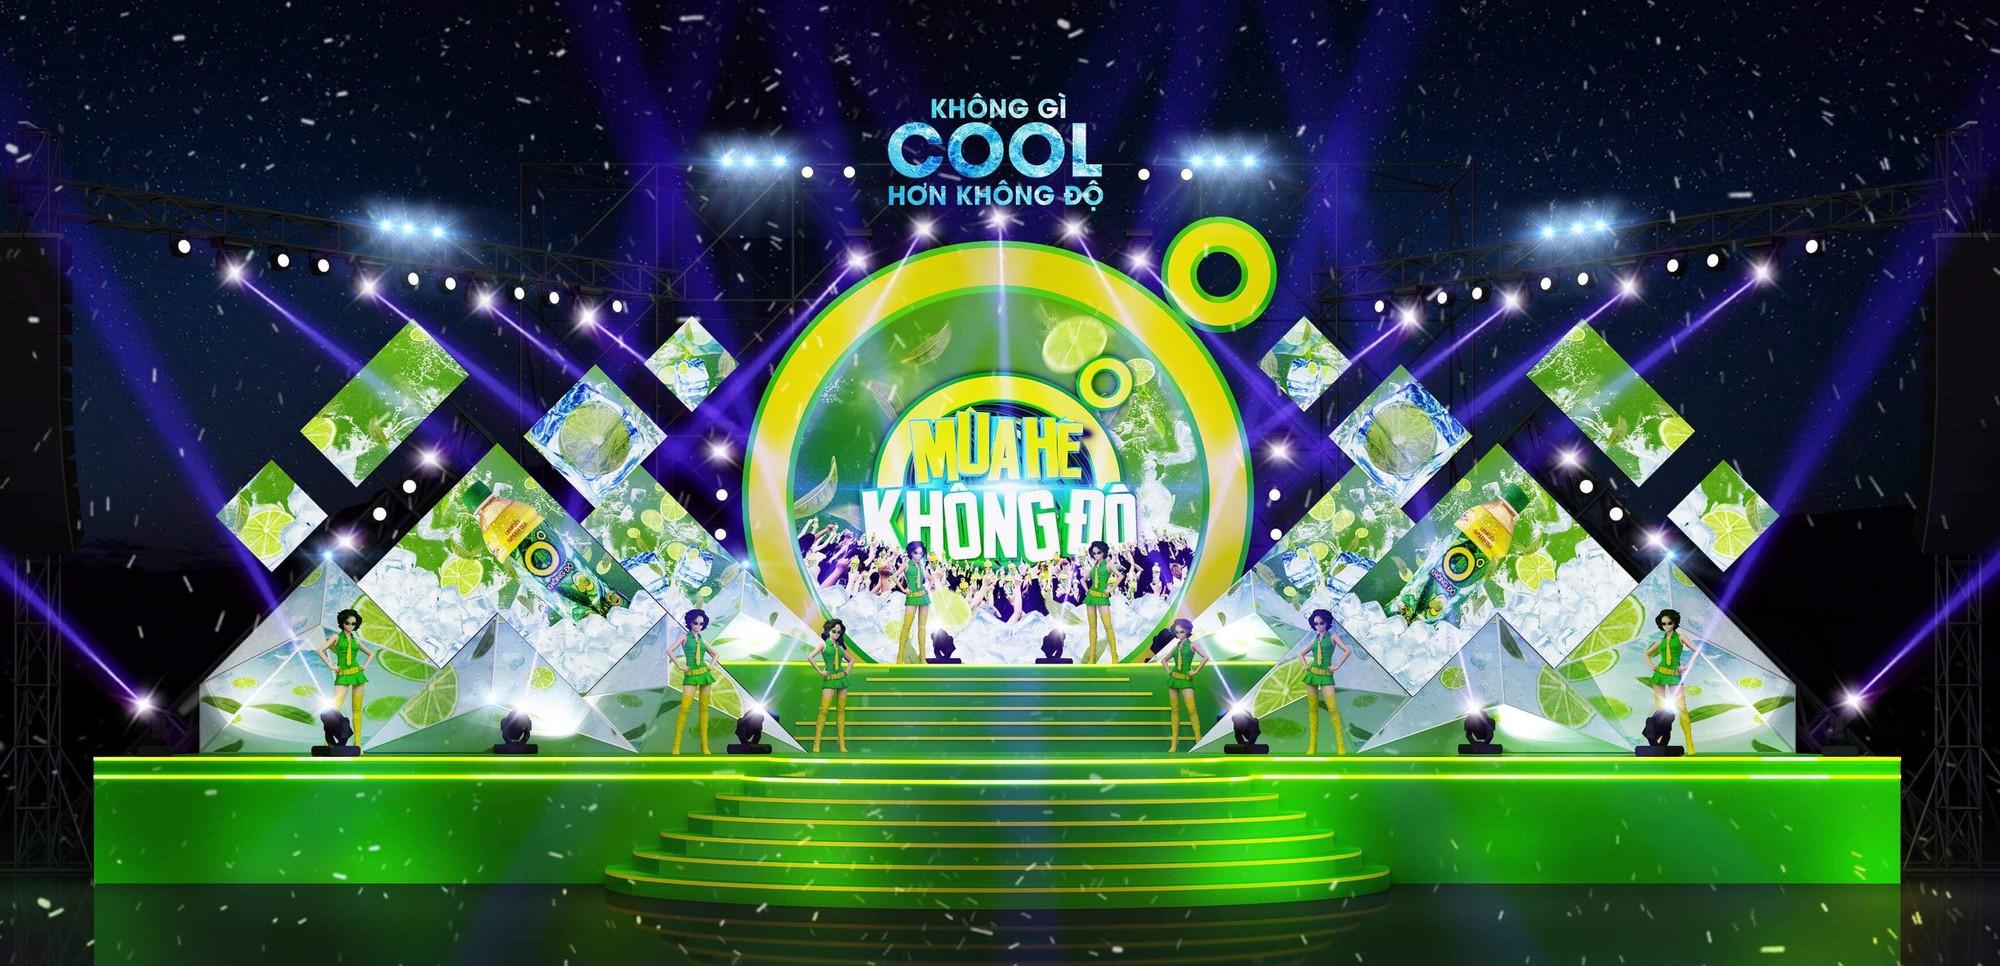 Trường Giang, Hòa Minzy, Đạt G đổ bộ lễ hội âm nhạc tại Cần Thơ - Ảnh 1.